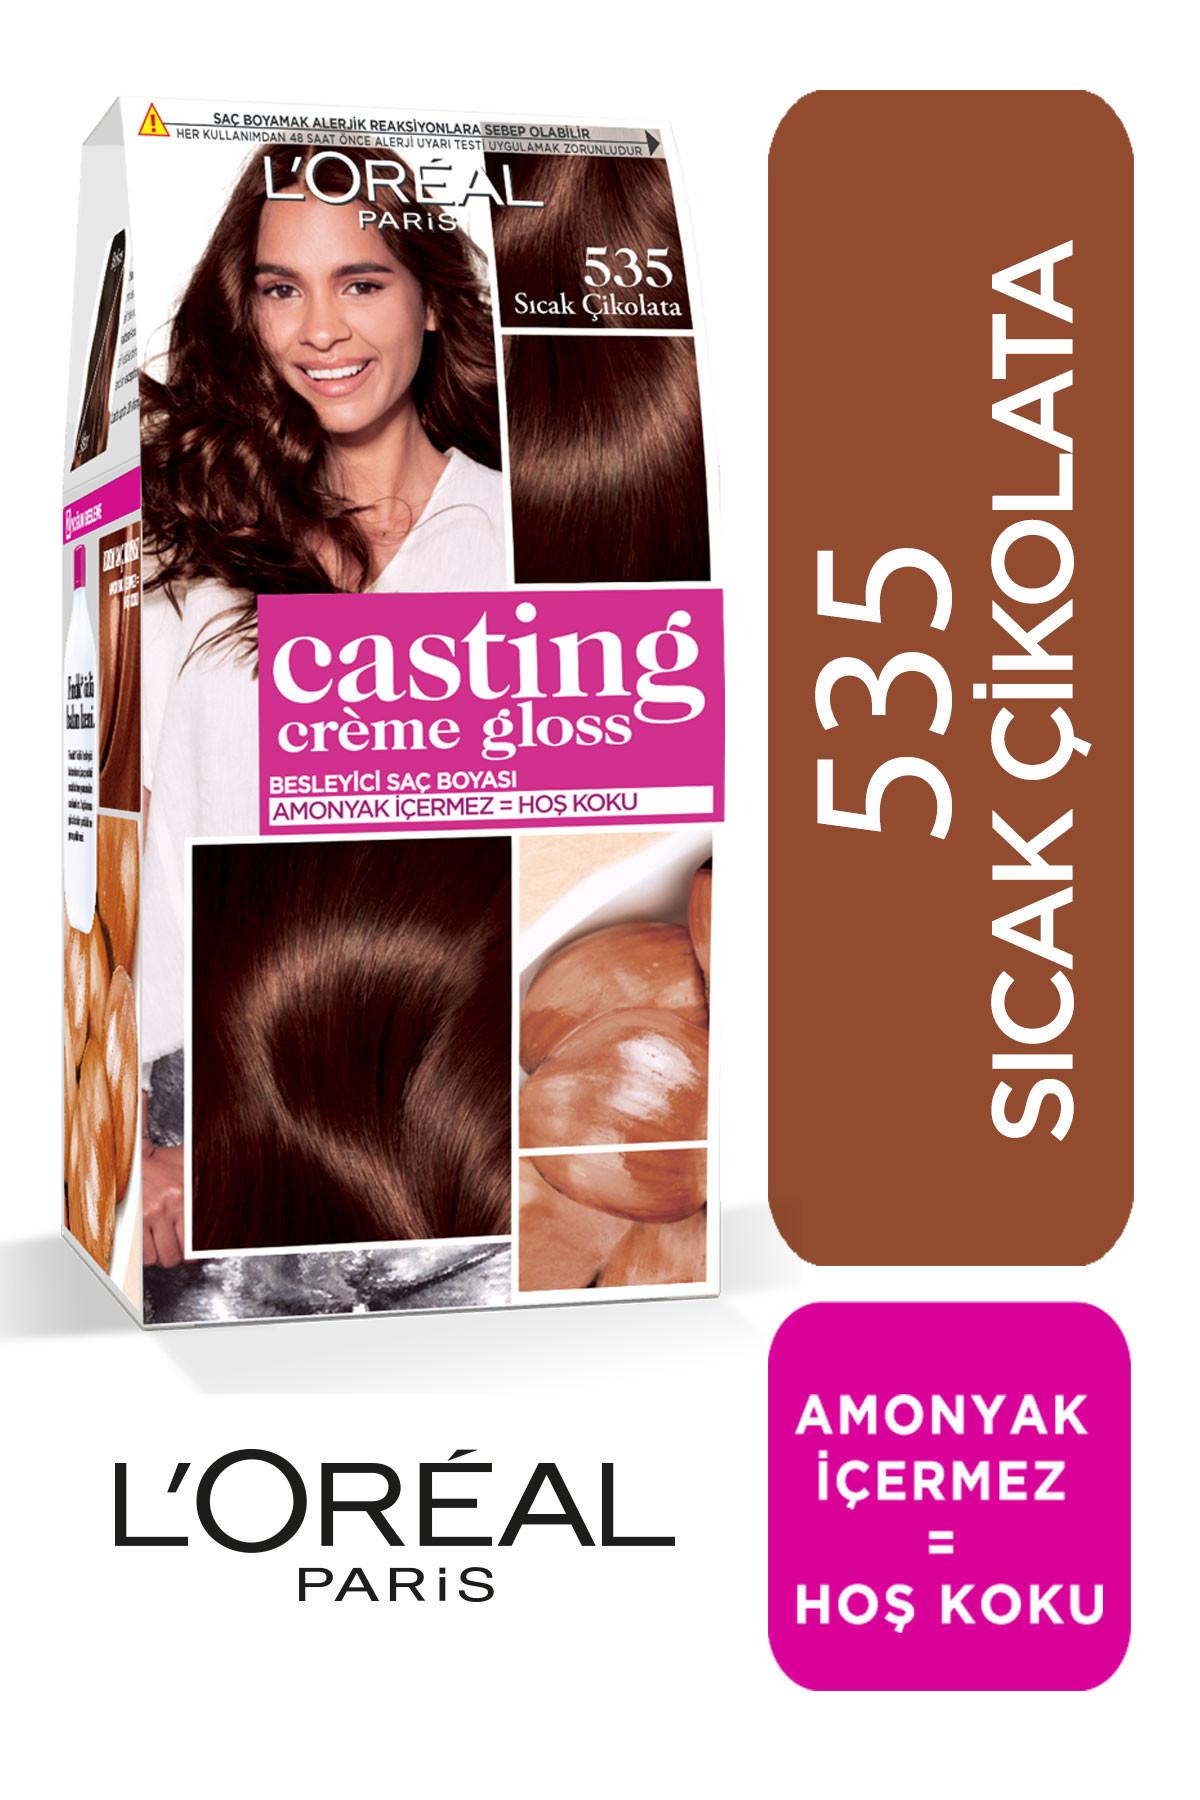 Loreal Paris Saç Boyası Casting Creme Gloss 535 Chocolat